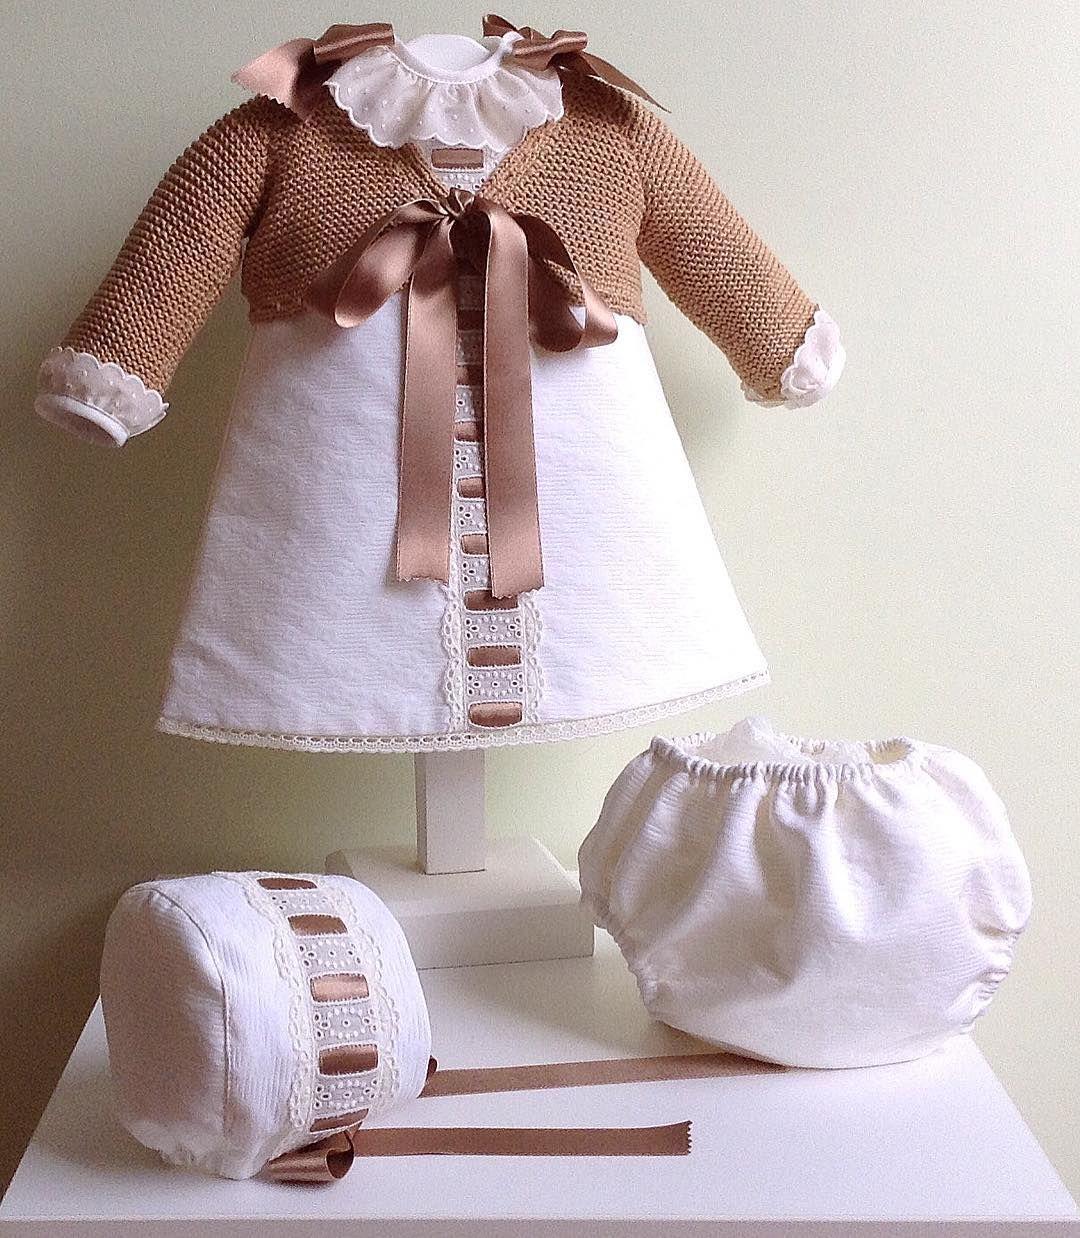 Vestido para una princesa desde 0 meses en adelante. Disponible en otros colores  || modelo: V0002-16 #petitcolibrishop info: petitcolibrishop@gmail.com